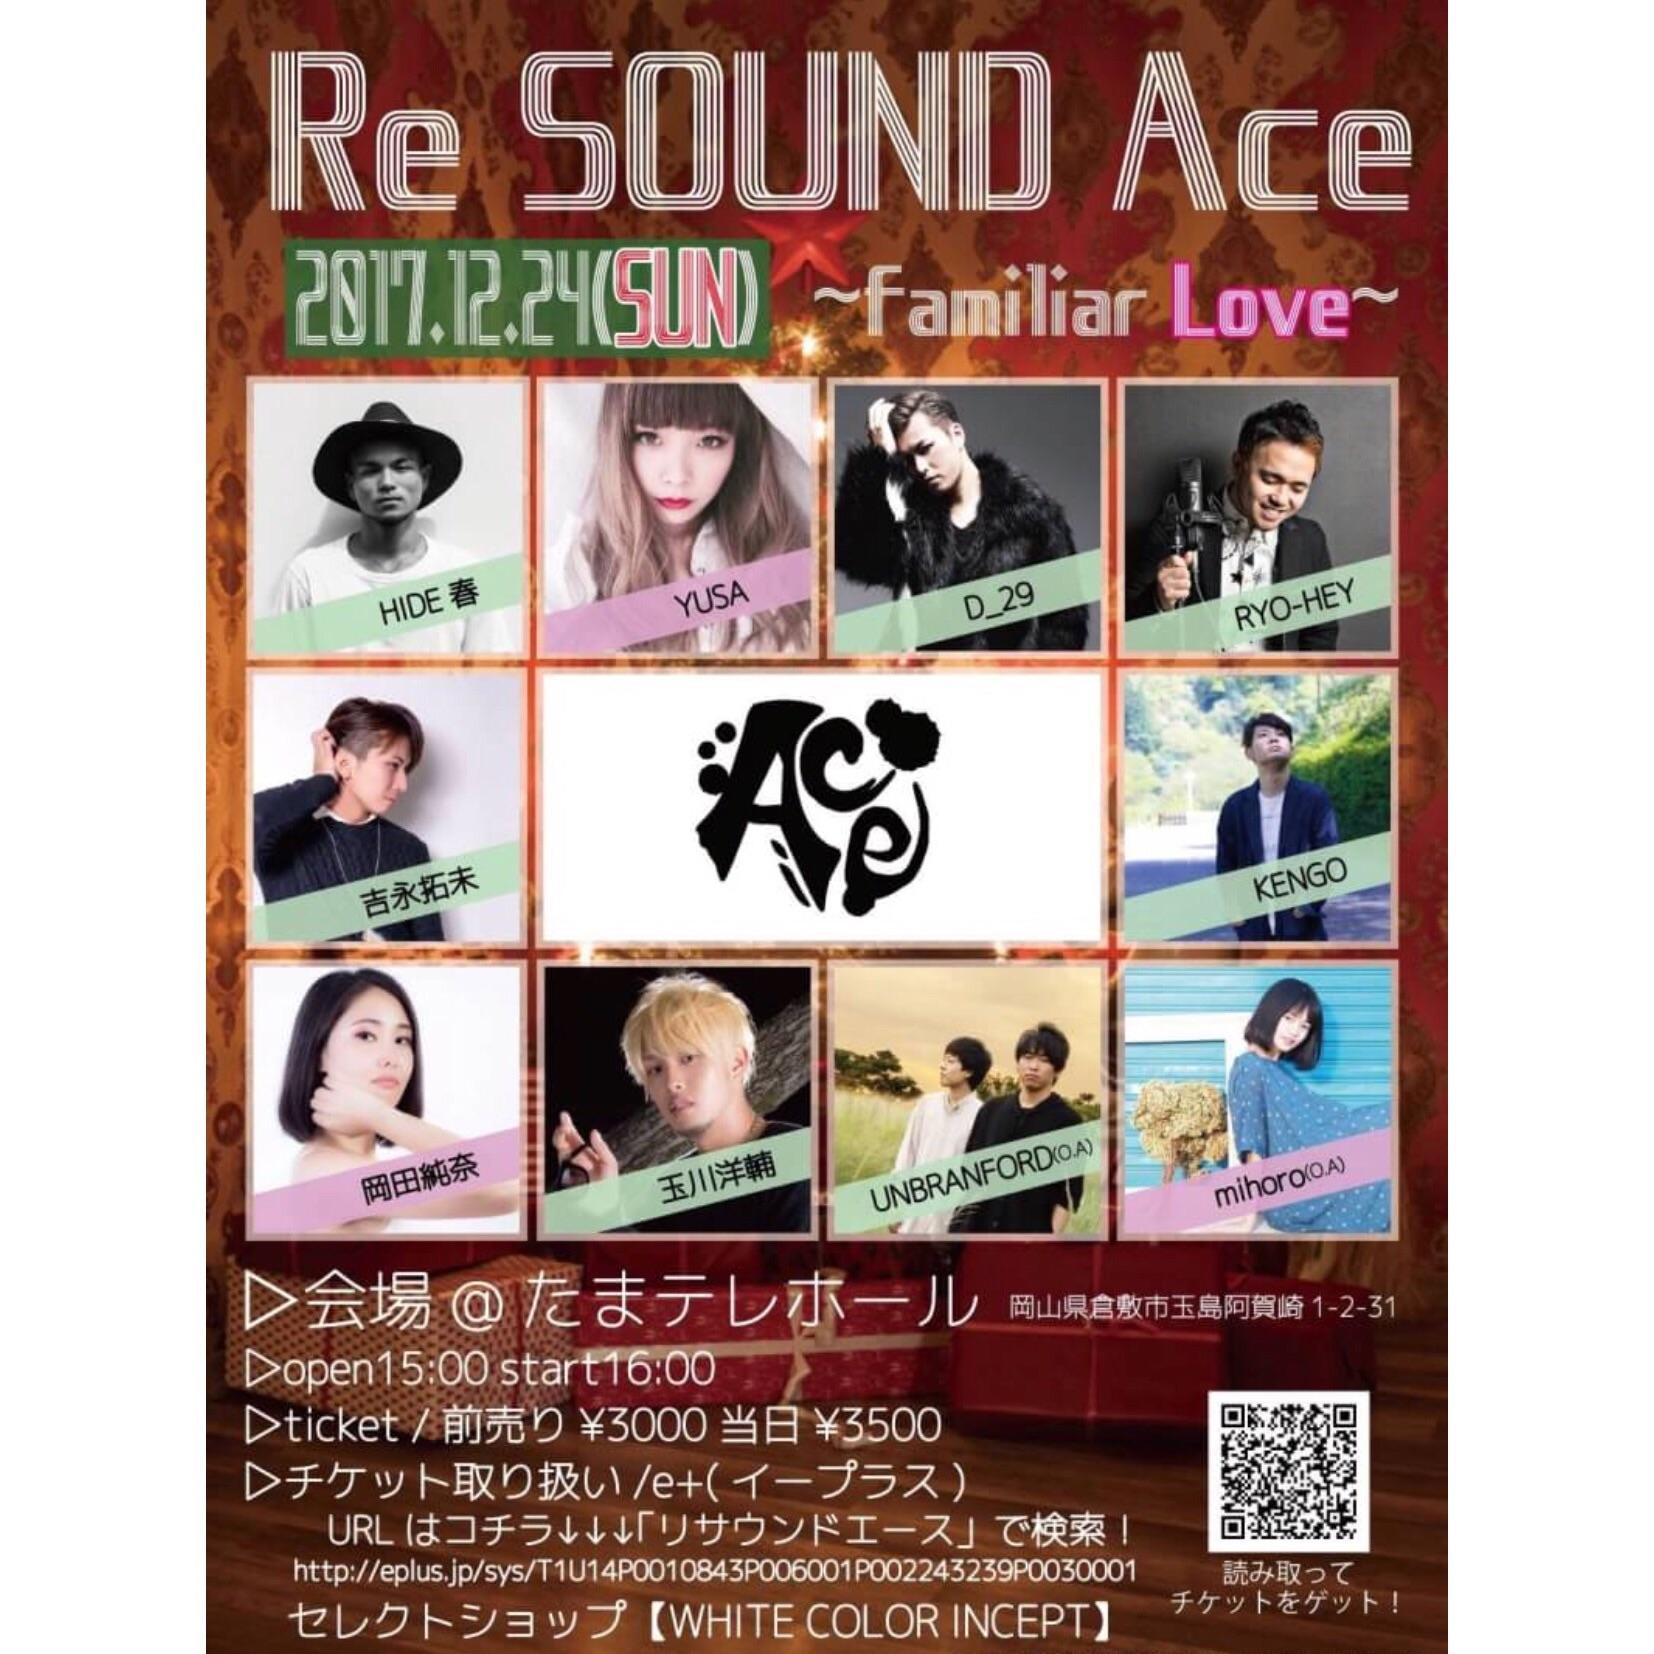 f:id:Yosuke0912:20171213175746j:image